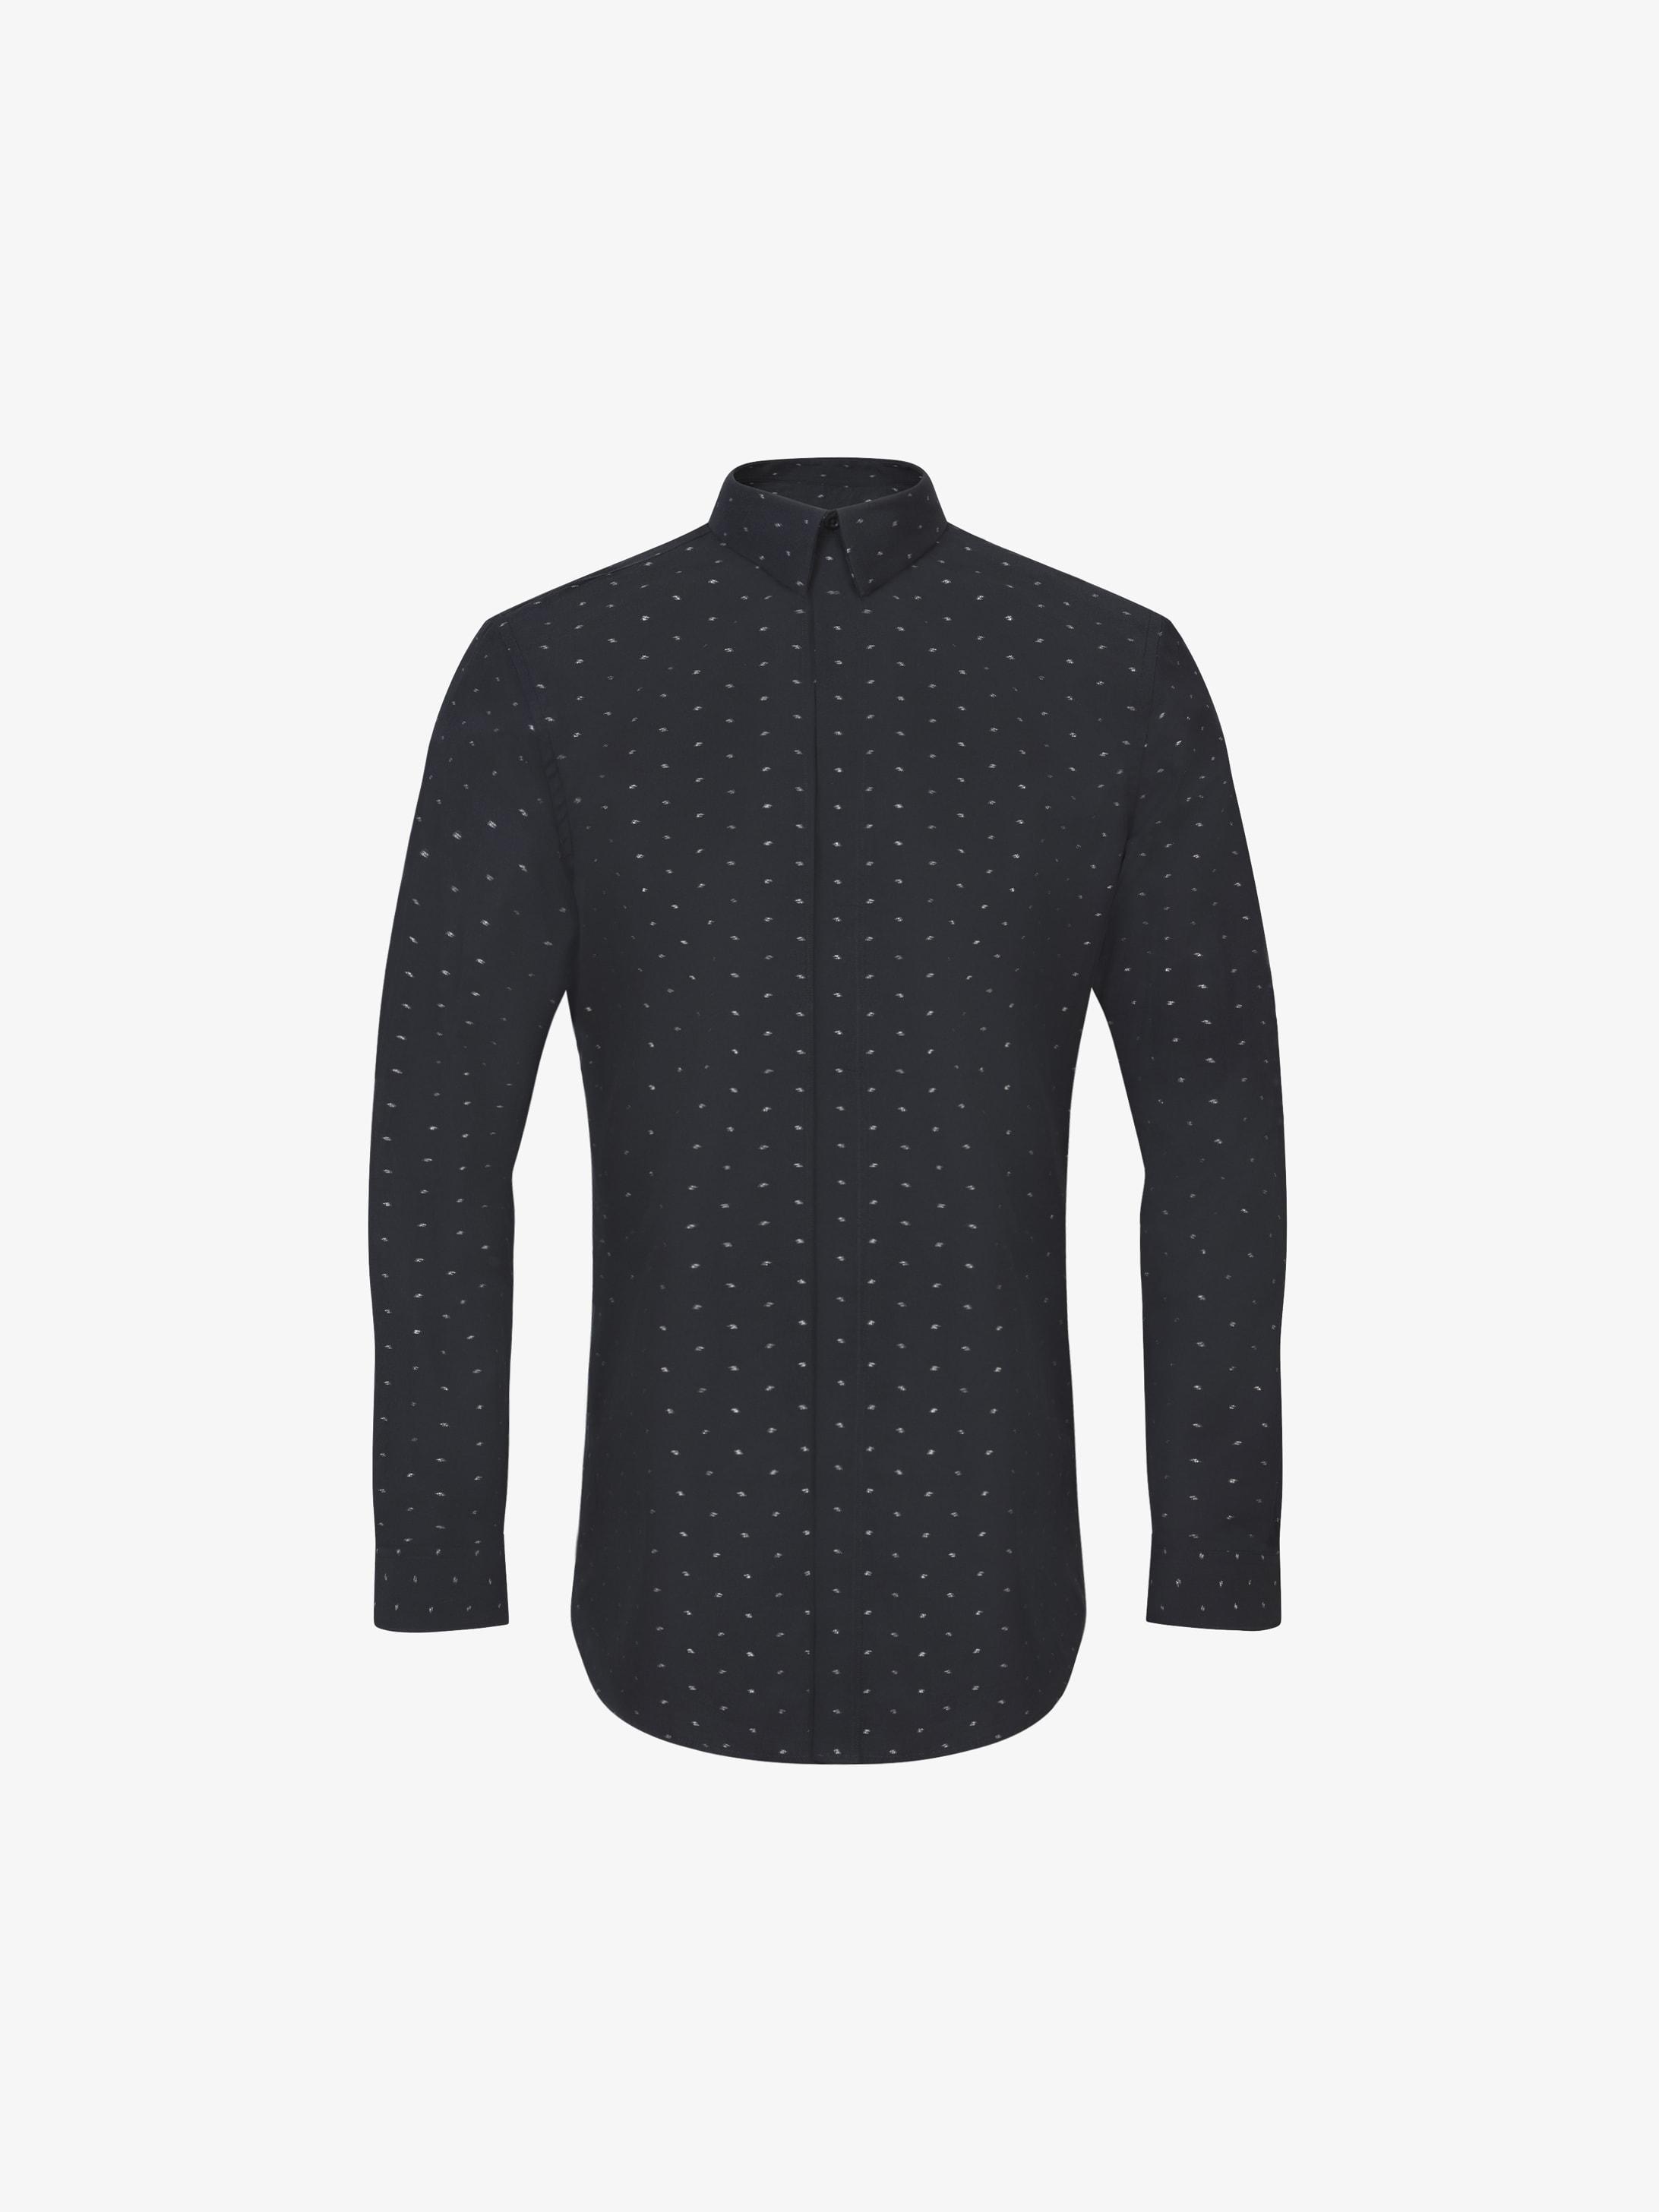 Chemise ajustée jacquard noir et argent